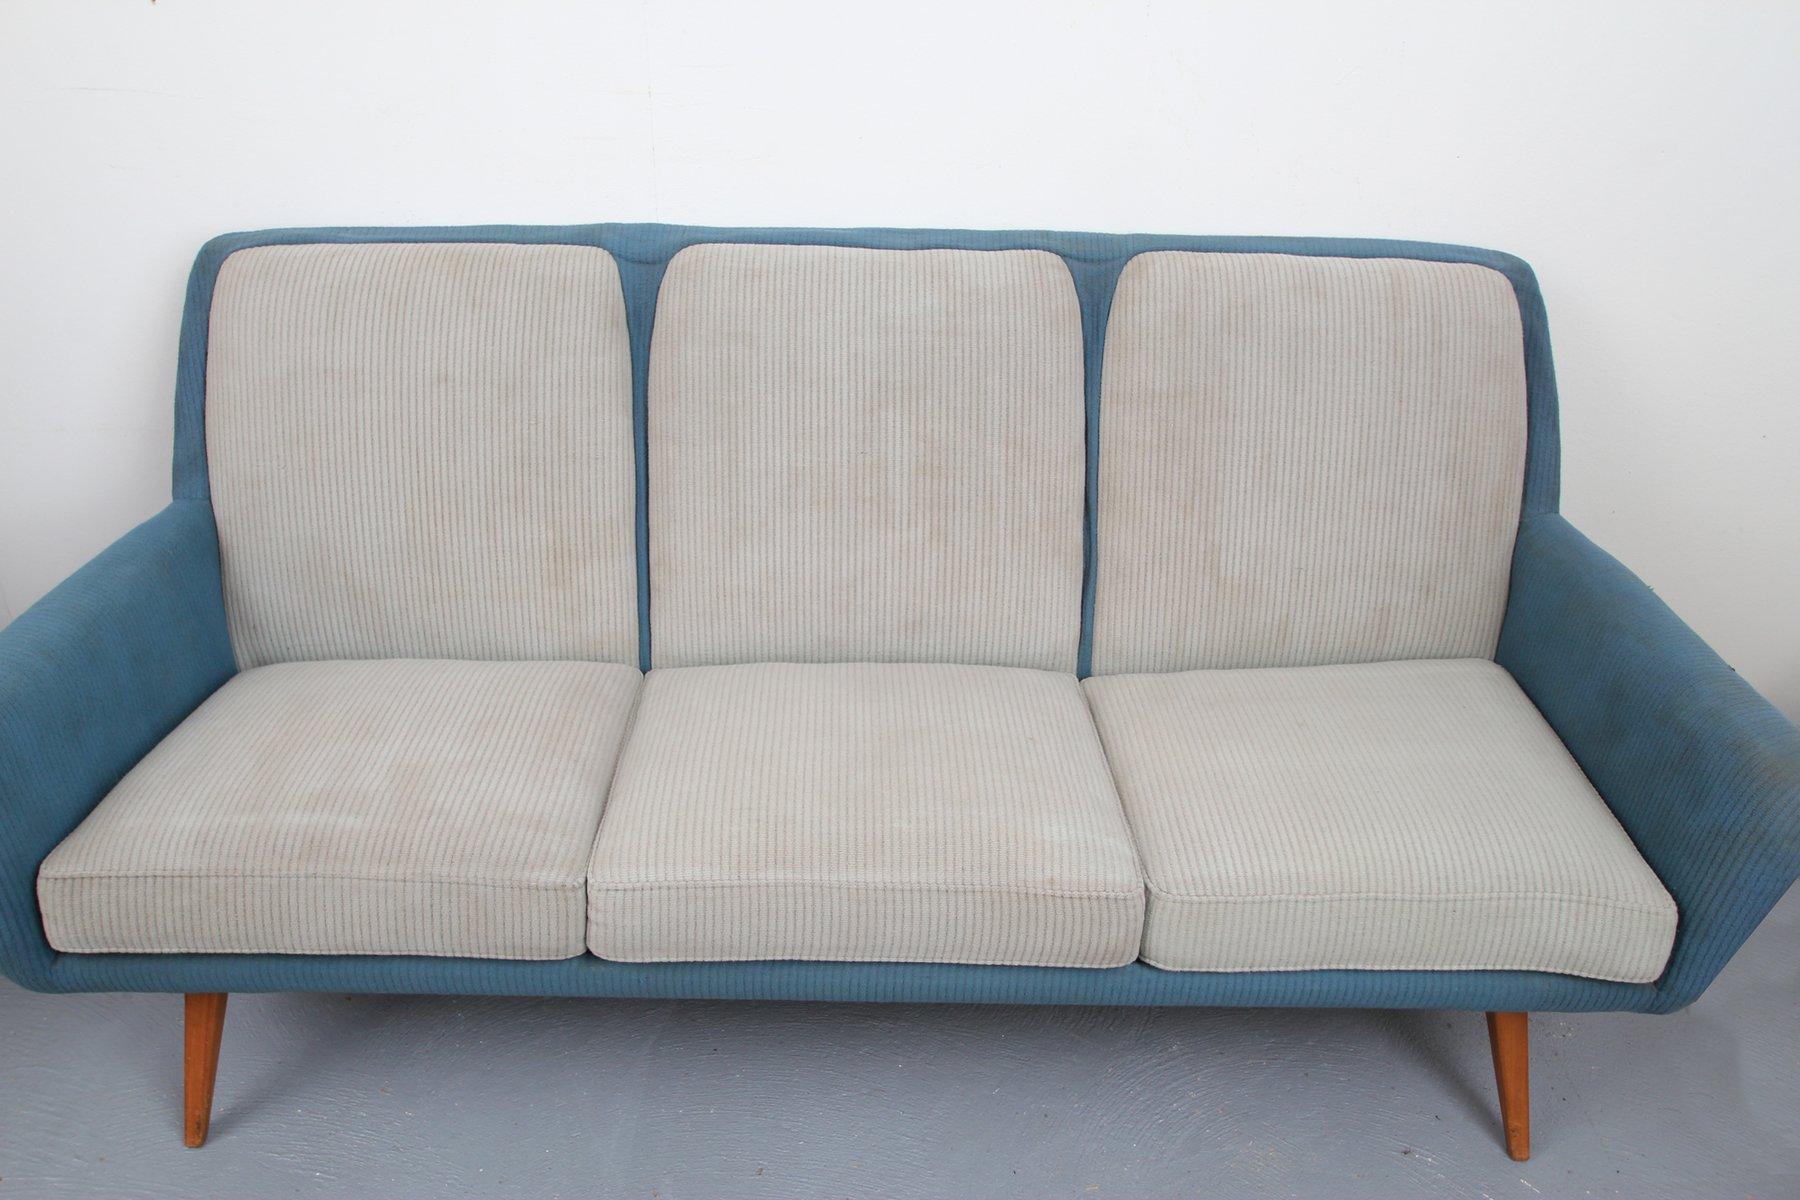 canap bleu pigeon gris clair 1950s en vente sur pamono. Black Bedroom Furniture Sets. Home Design Ideas